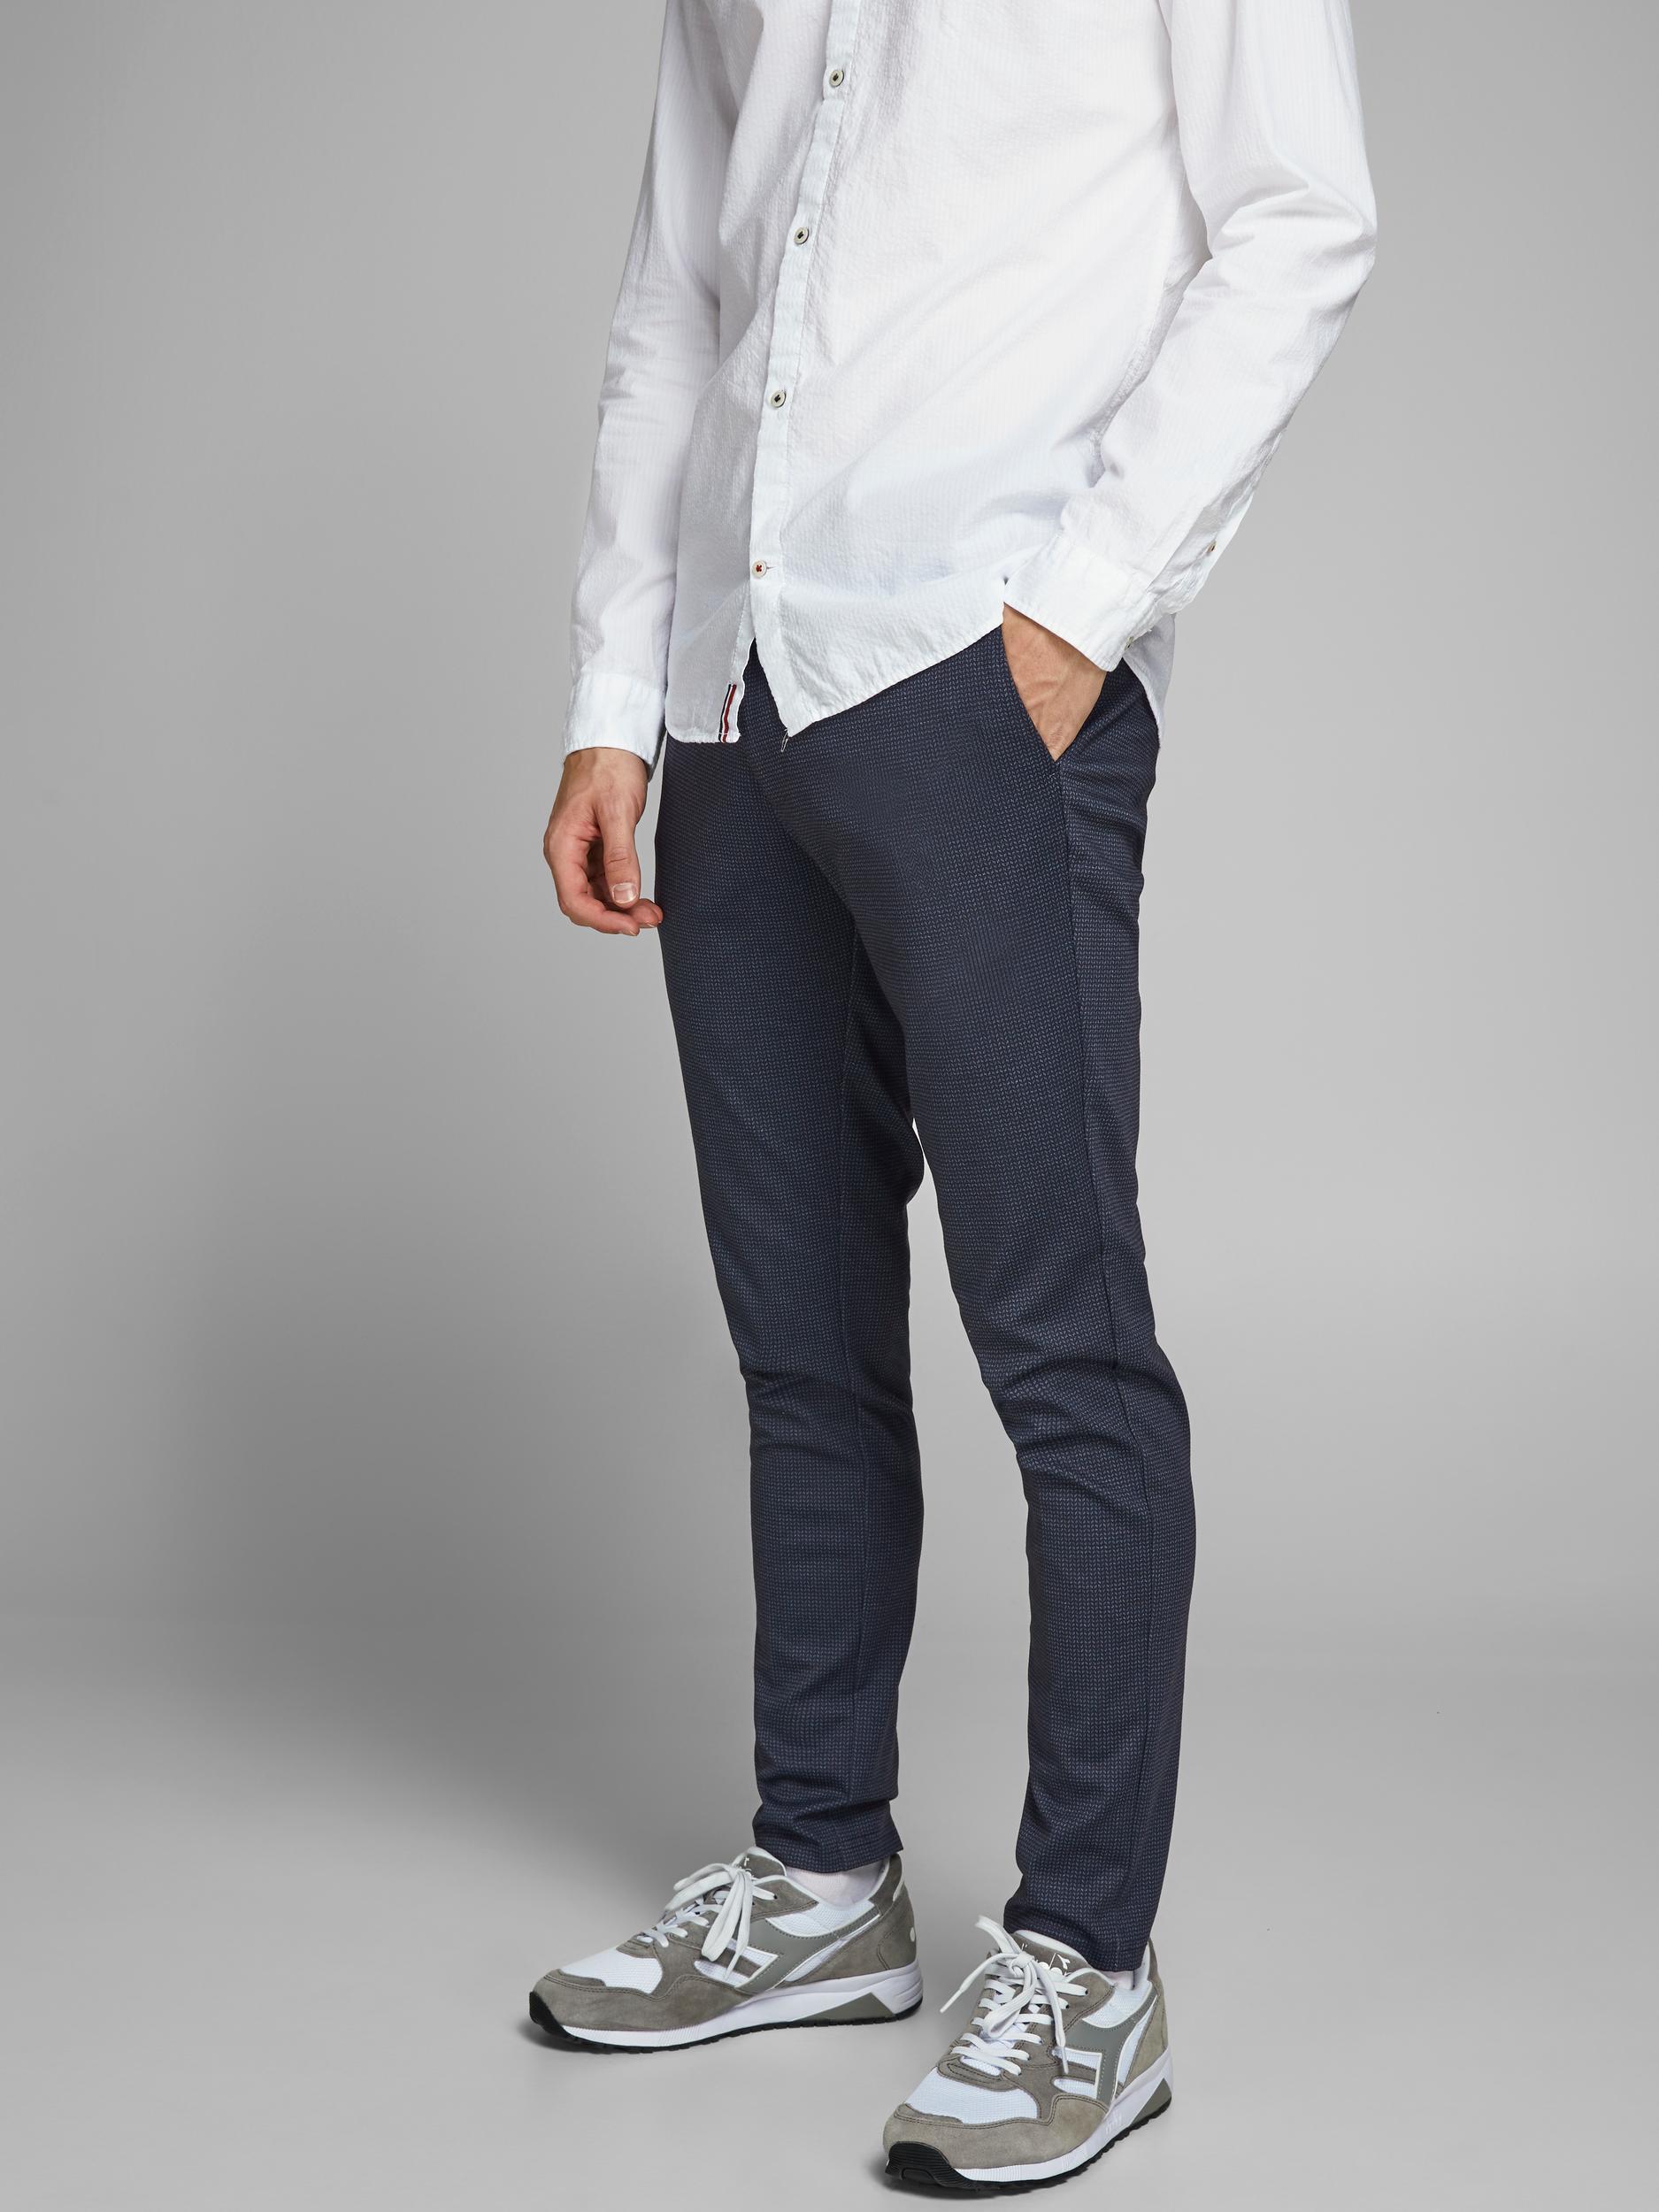 Jack & Jones Marco pants, navy blazer, 28/46